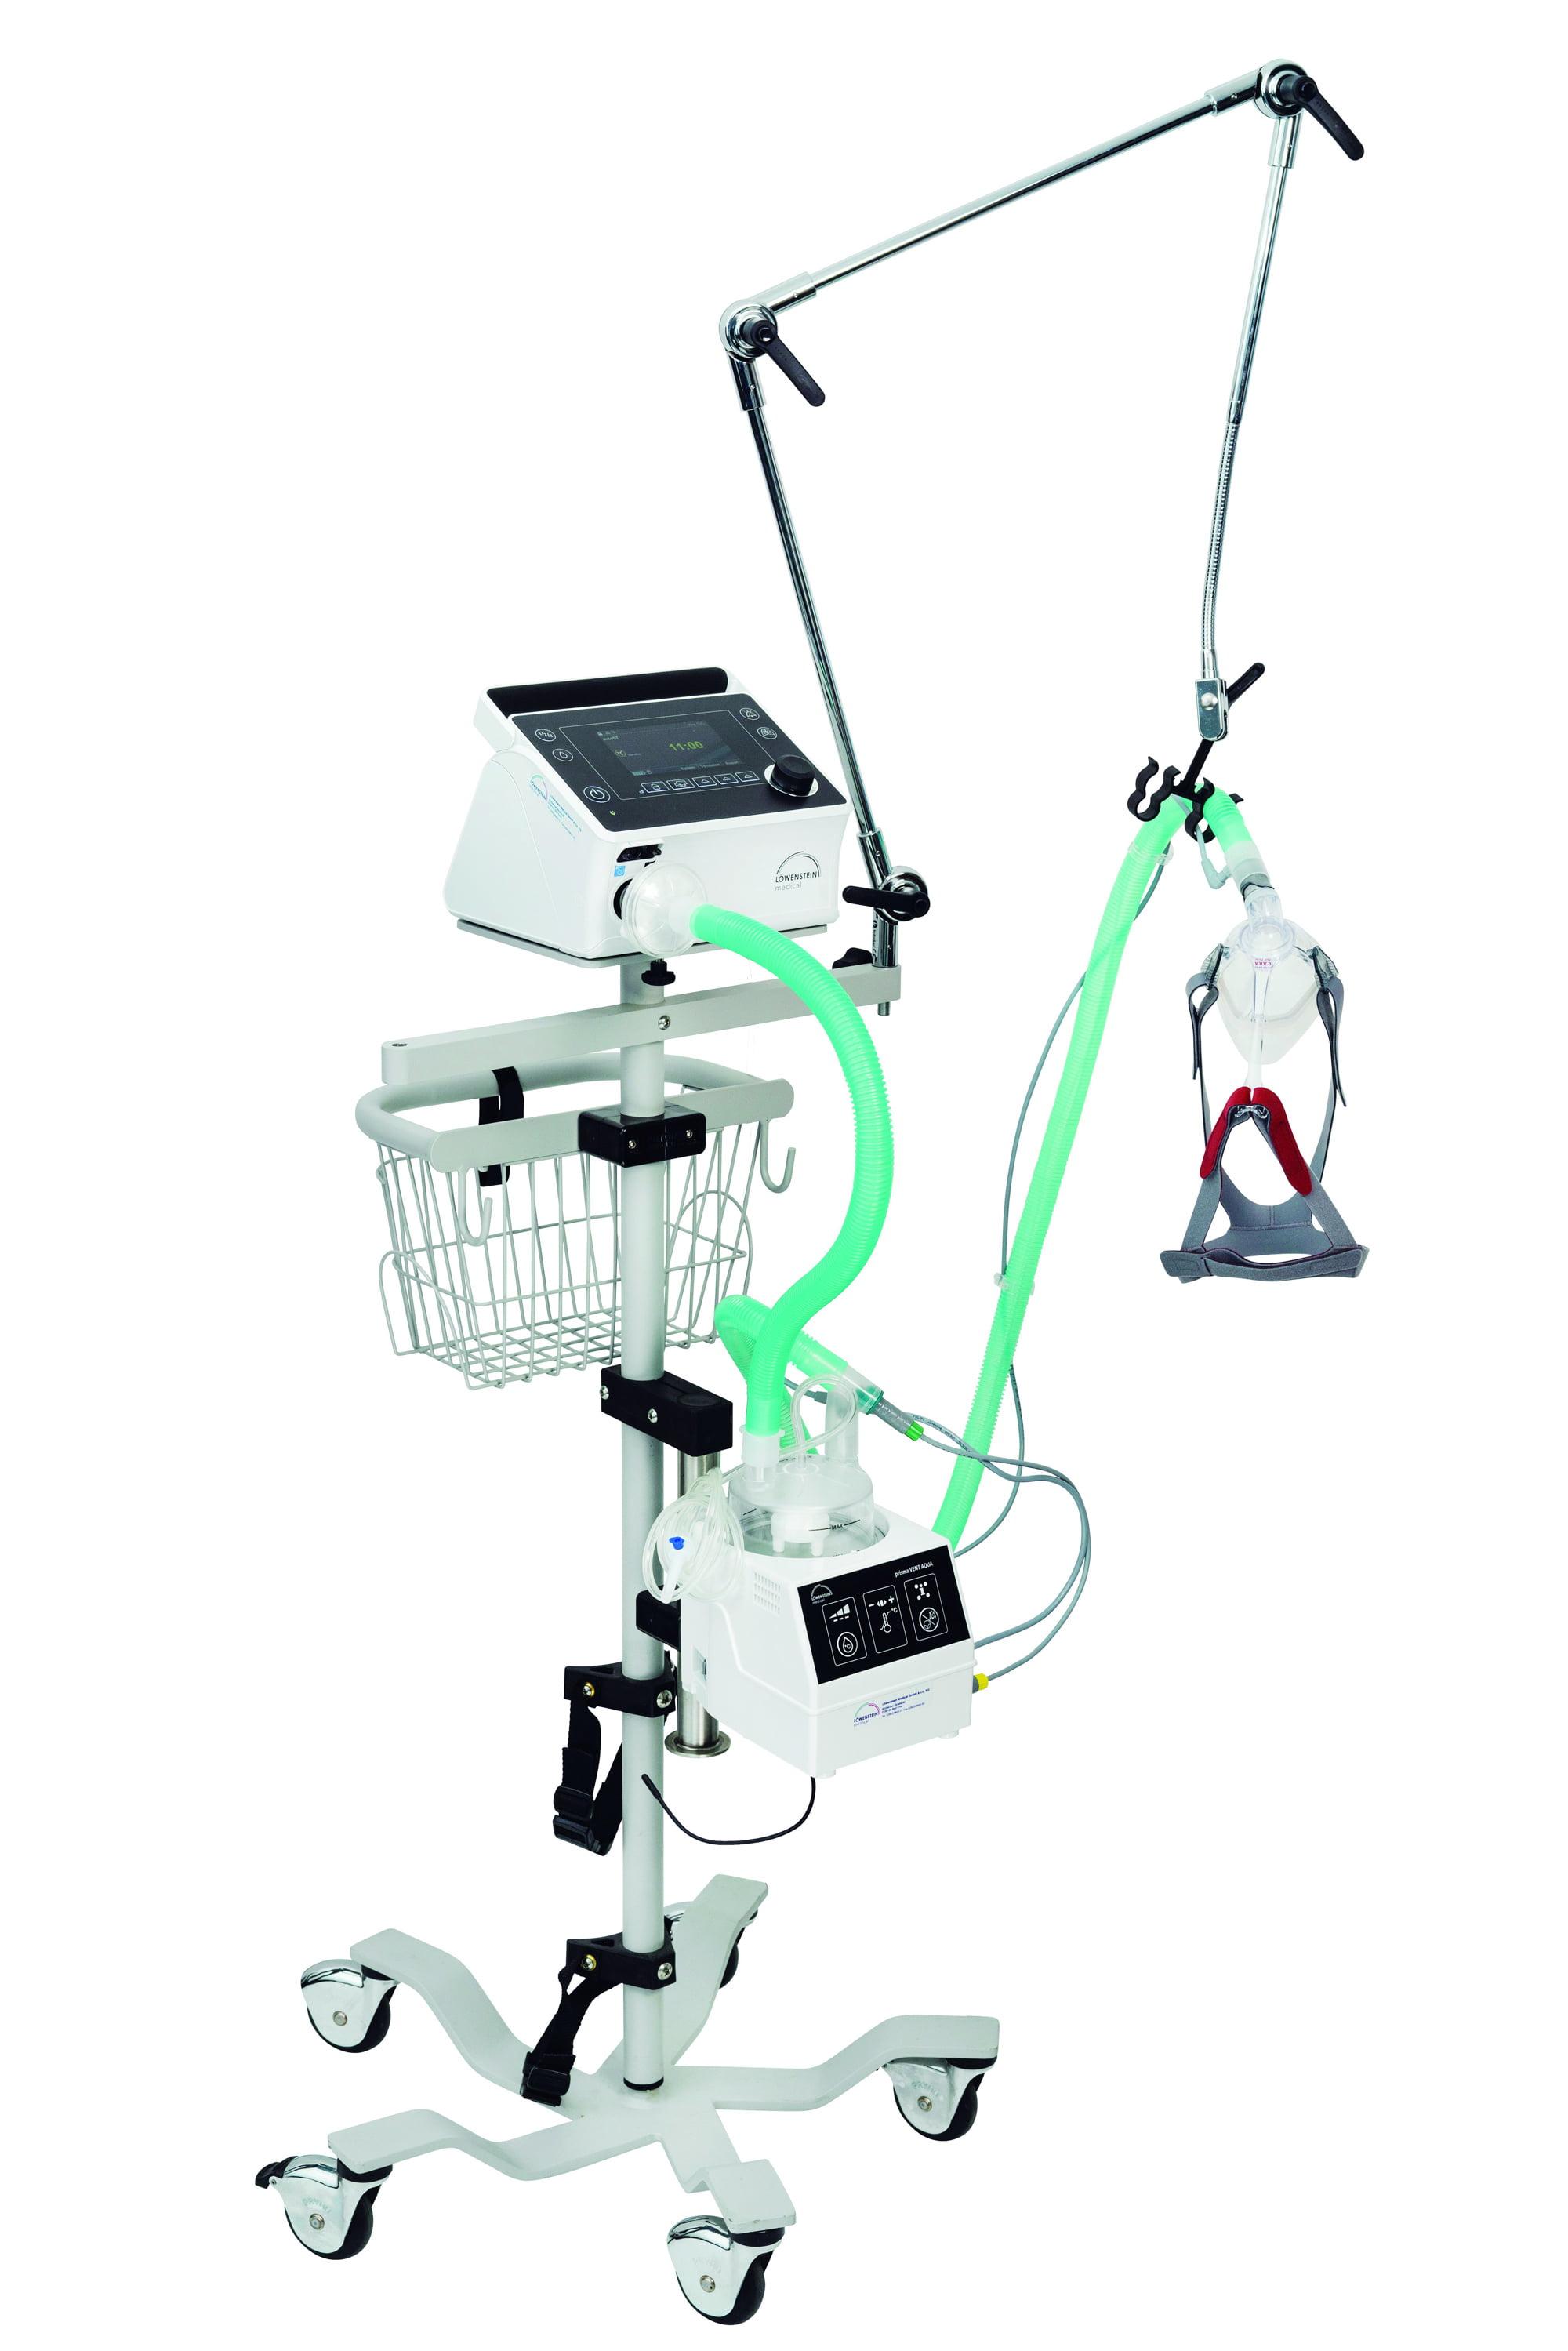 Аппарат искусственной вентиляции легких prisma VENT 50-C на стойке вместе с увлажнителем prisma VENT AQUA и контуром с маской CARA Full Face